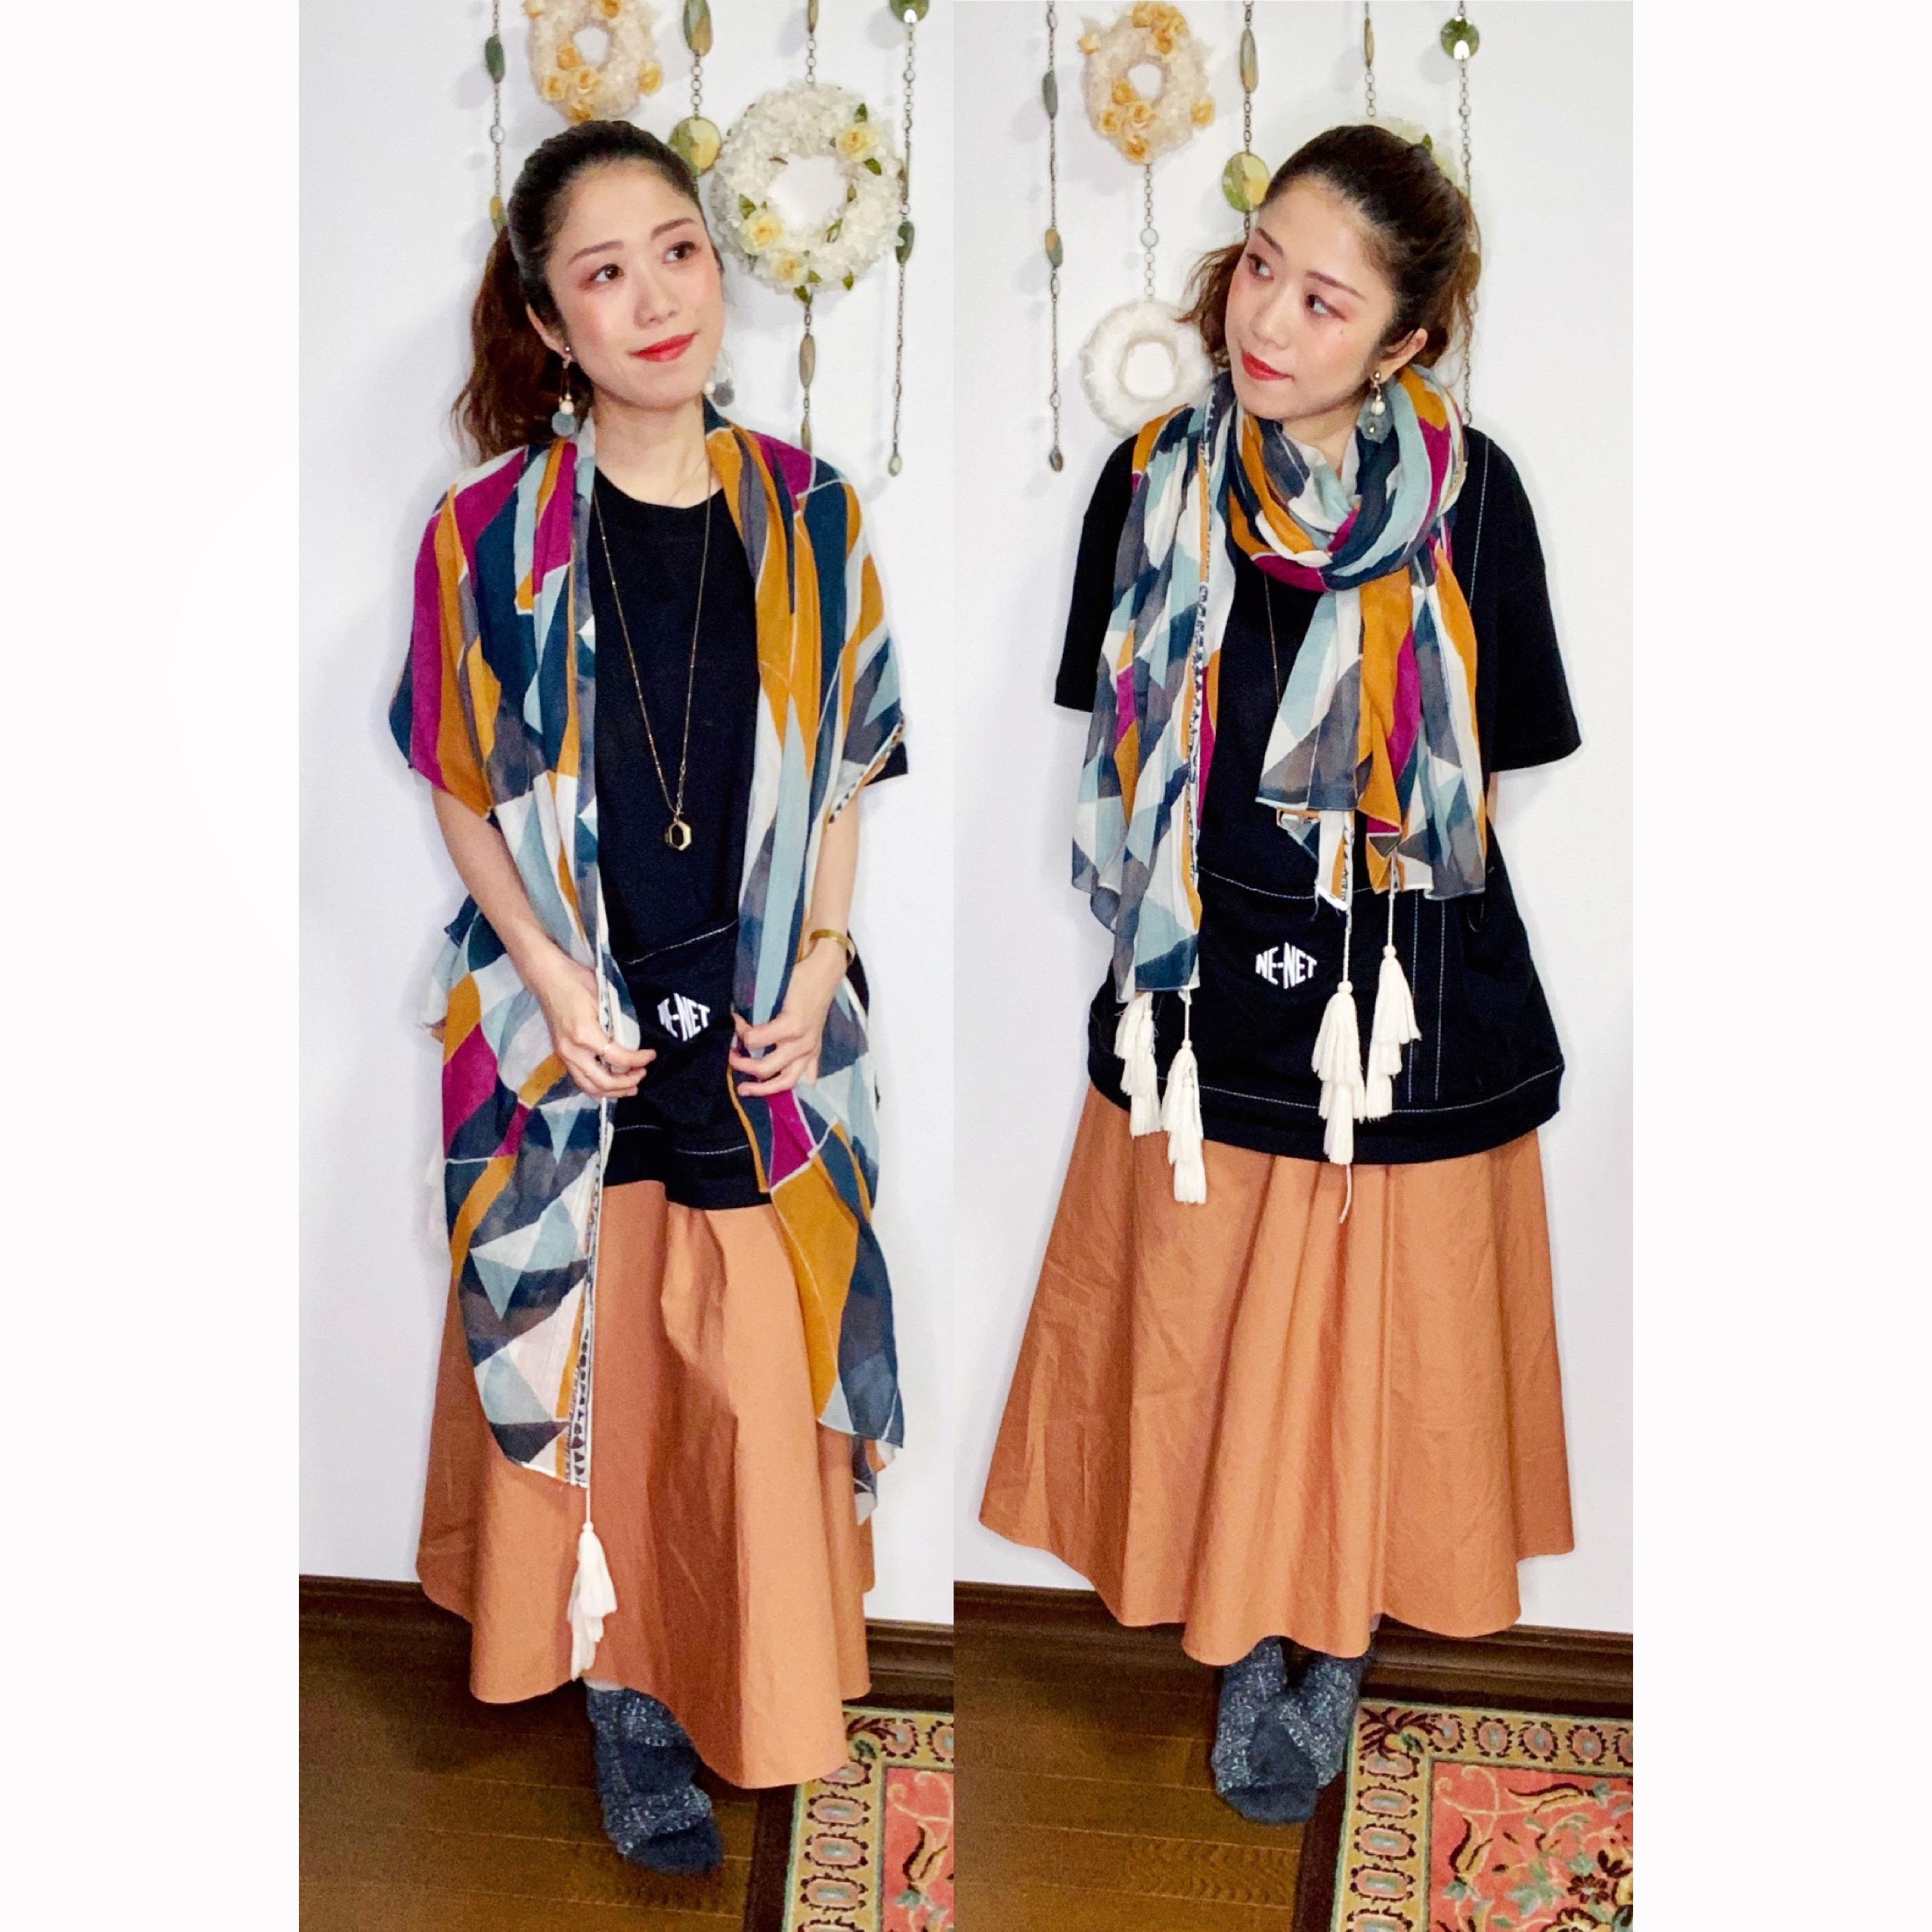 【オンナノコの休日ファッション】2020.10.6【うたうゆきこ】_1